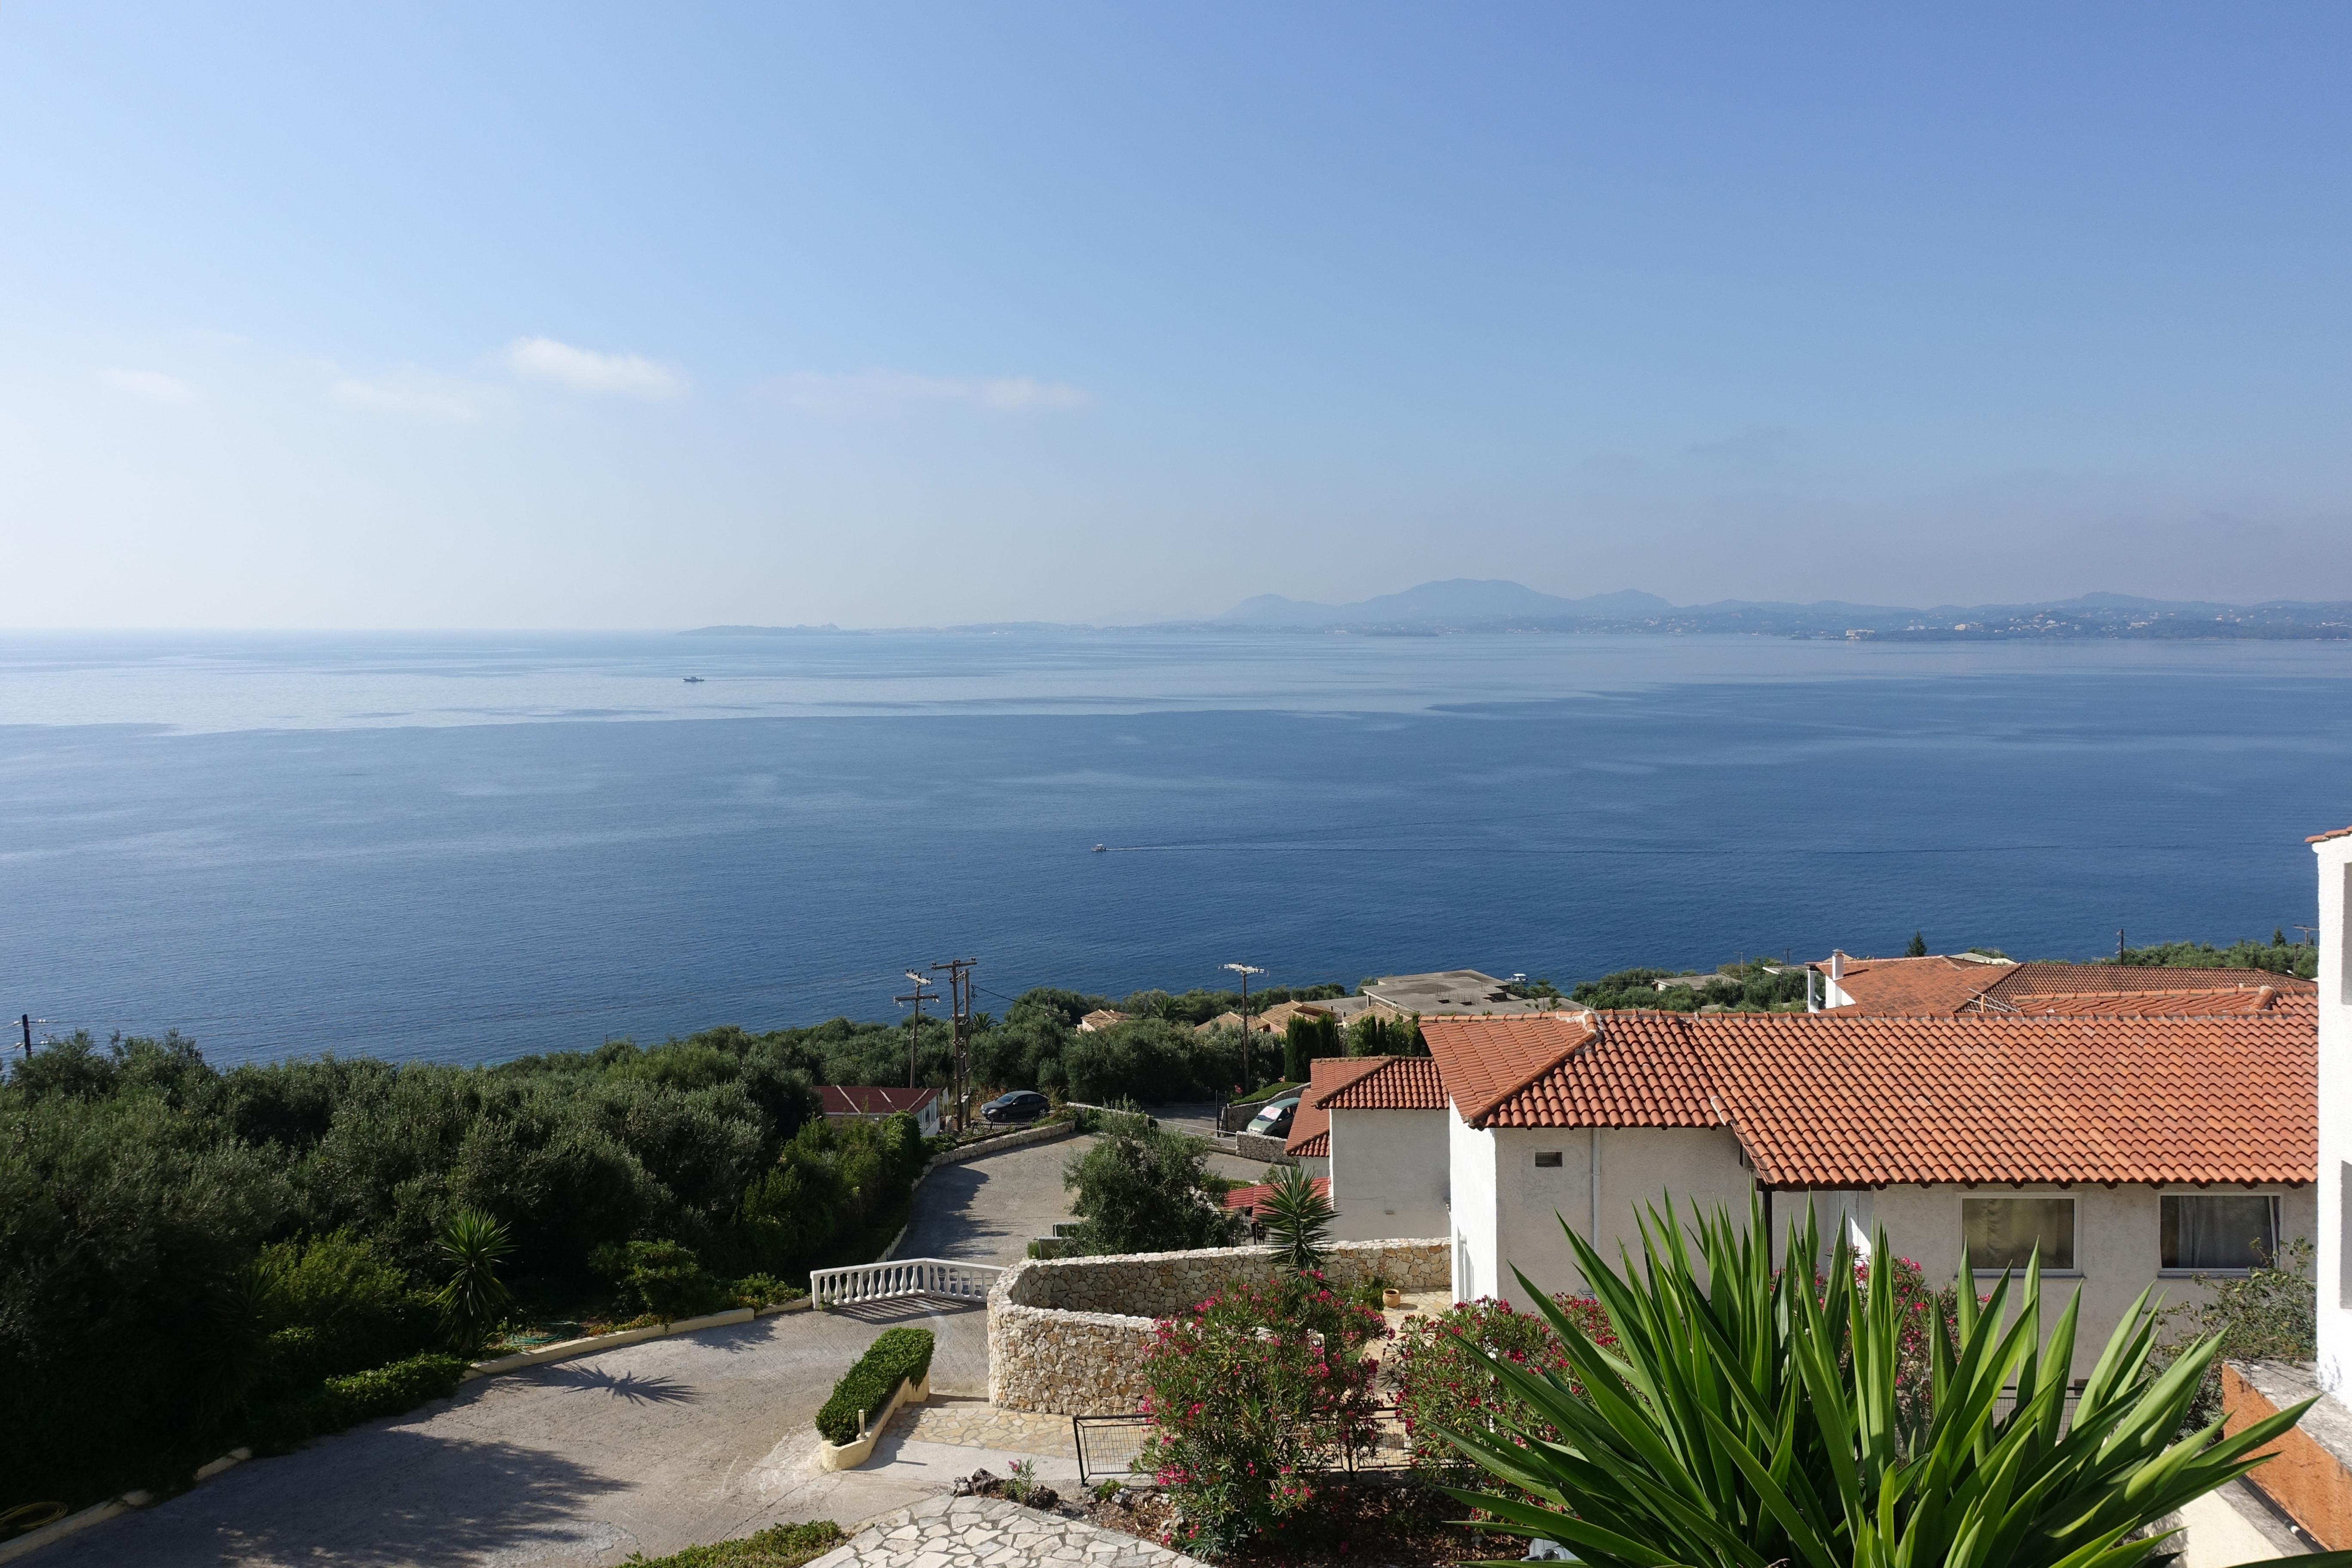 Barbati_view from room_Hotel Pantokrator